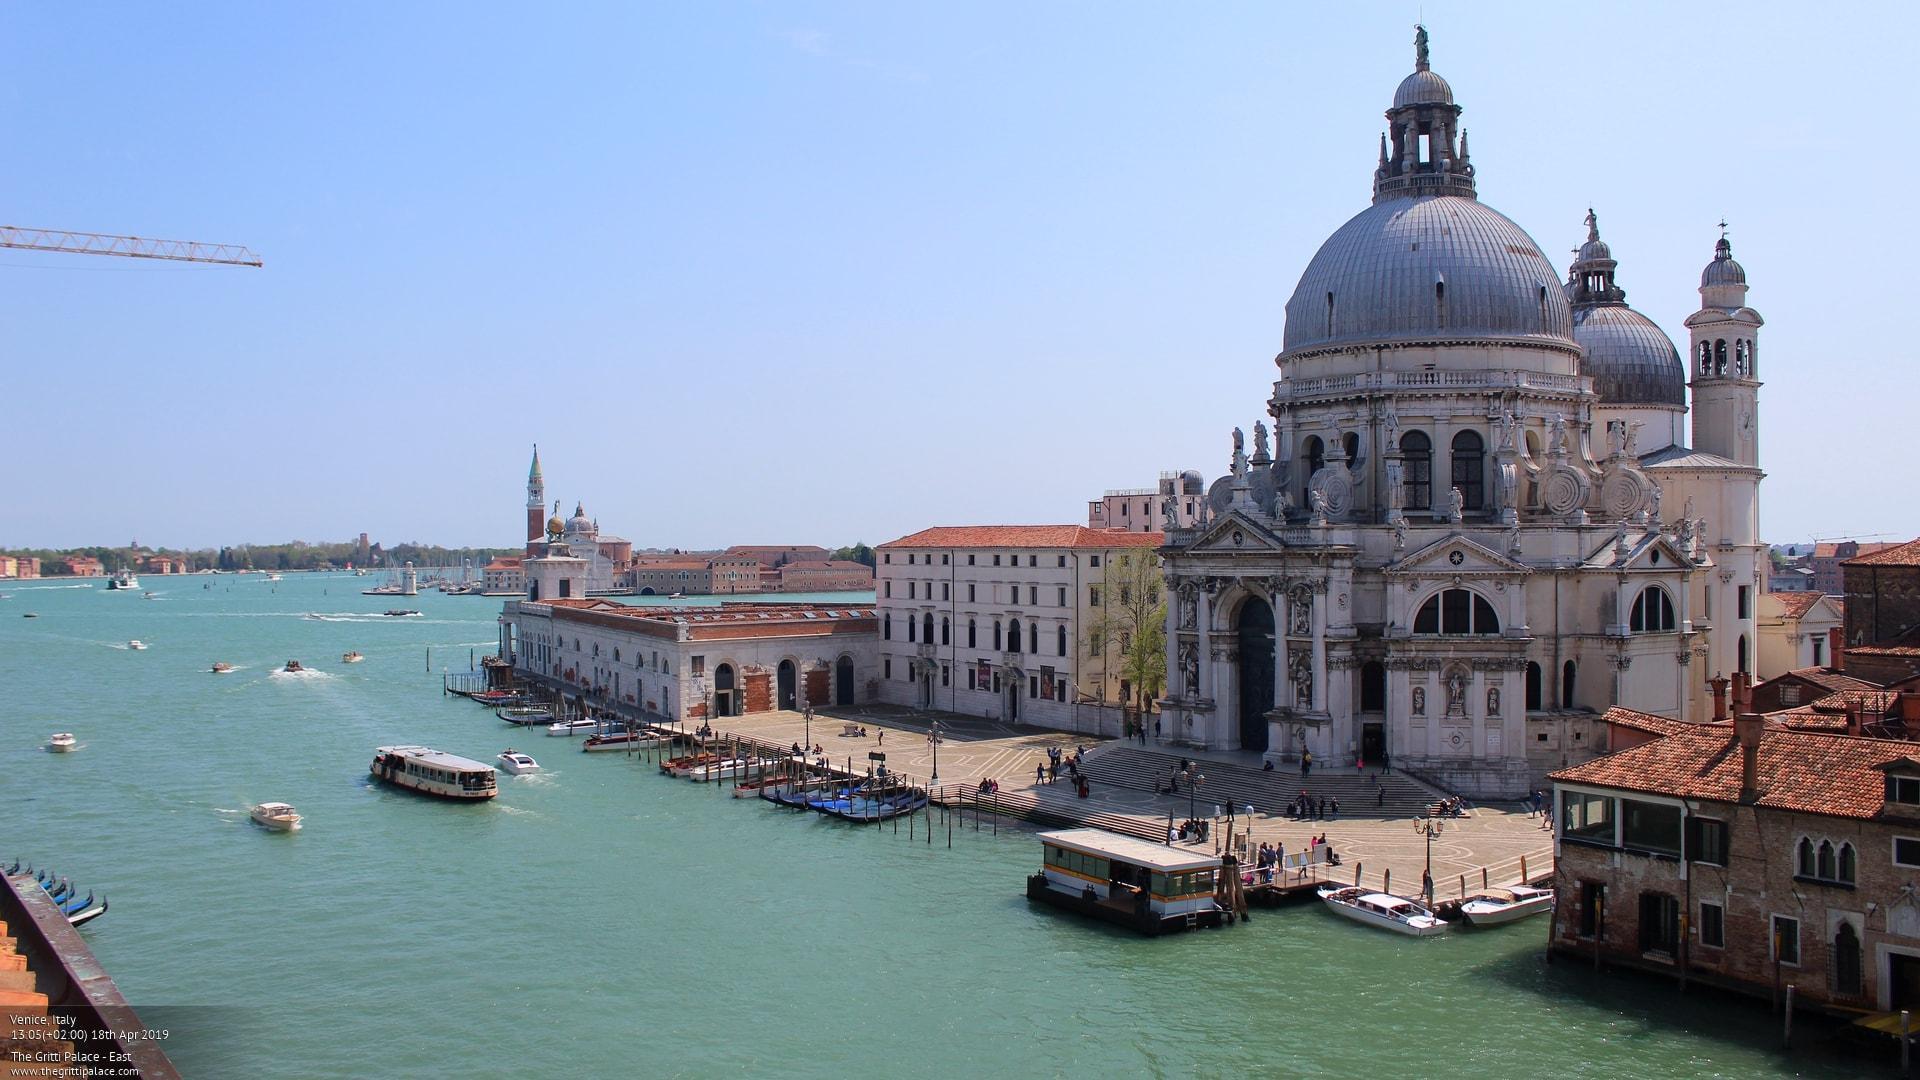 Webcam Venice: Basilica di Santa Maria della Salute